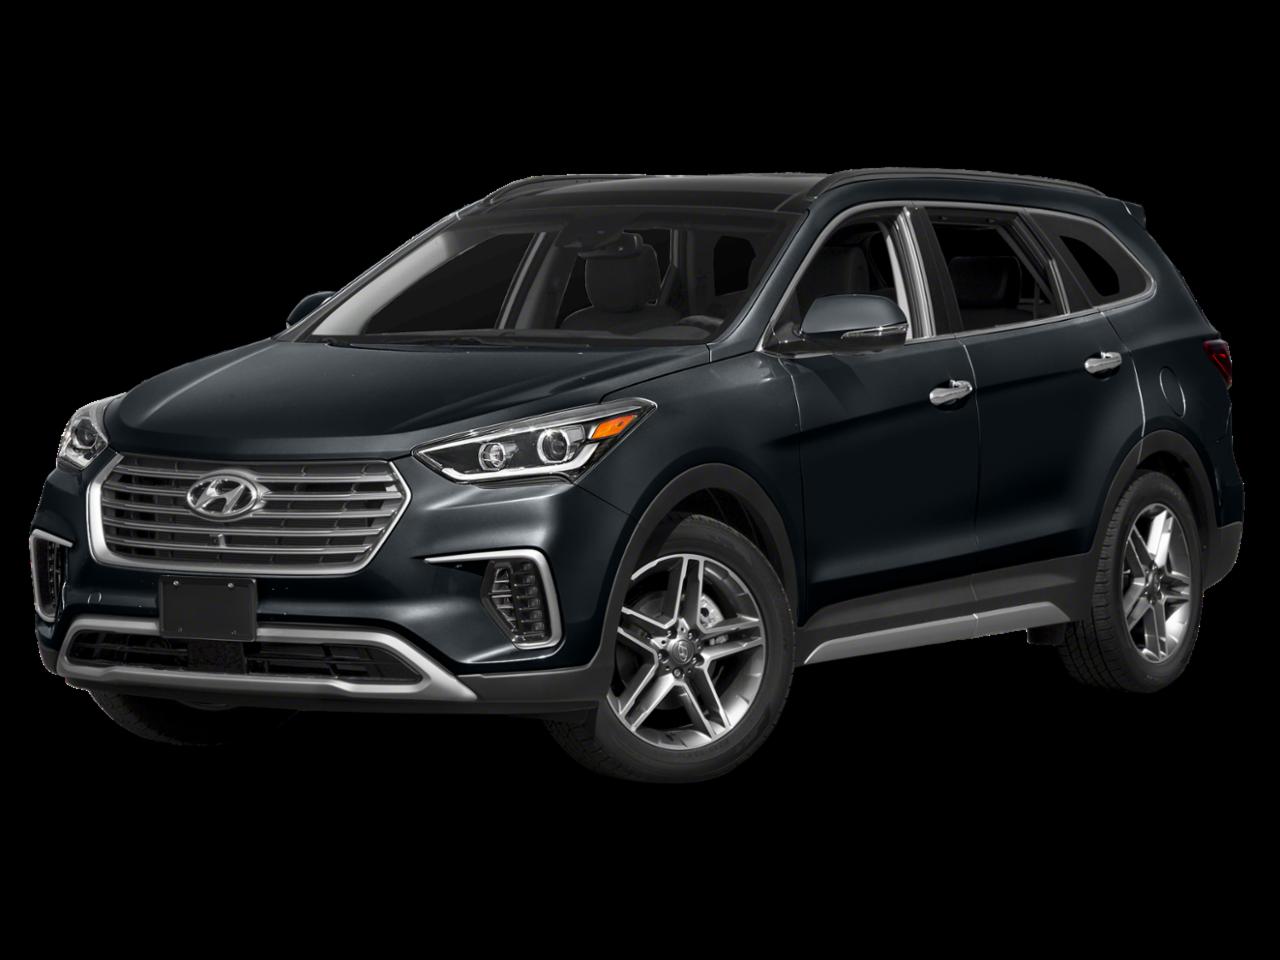 2019 Hyundai Santa Fe XL Limited Ultimate FWD Sport Utility